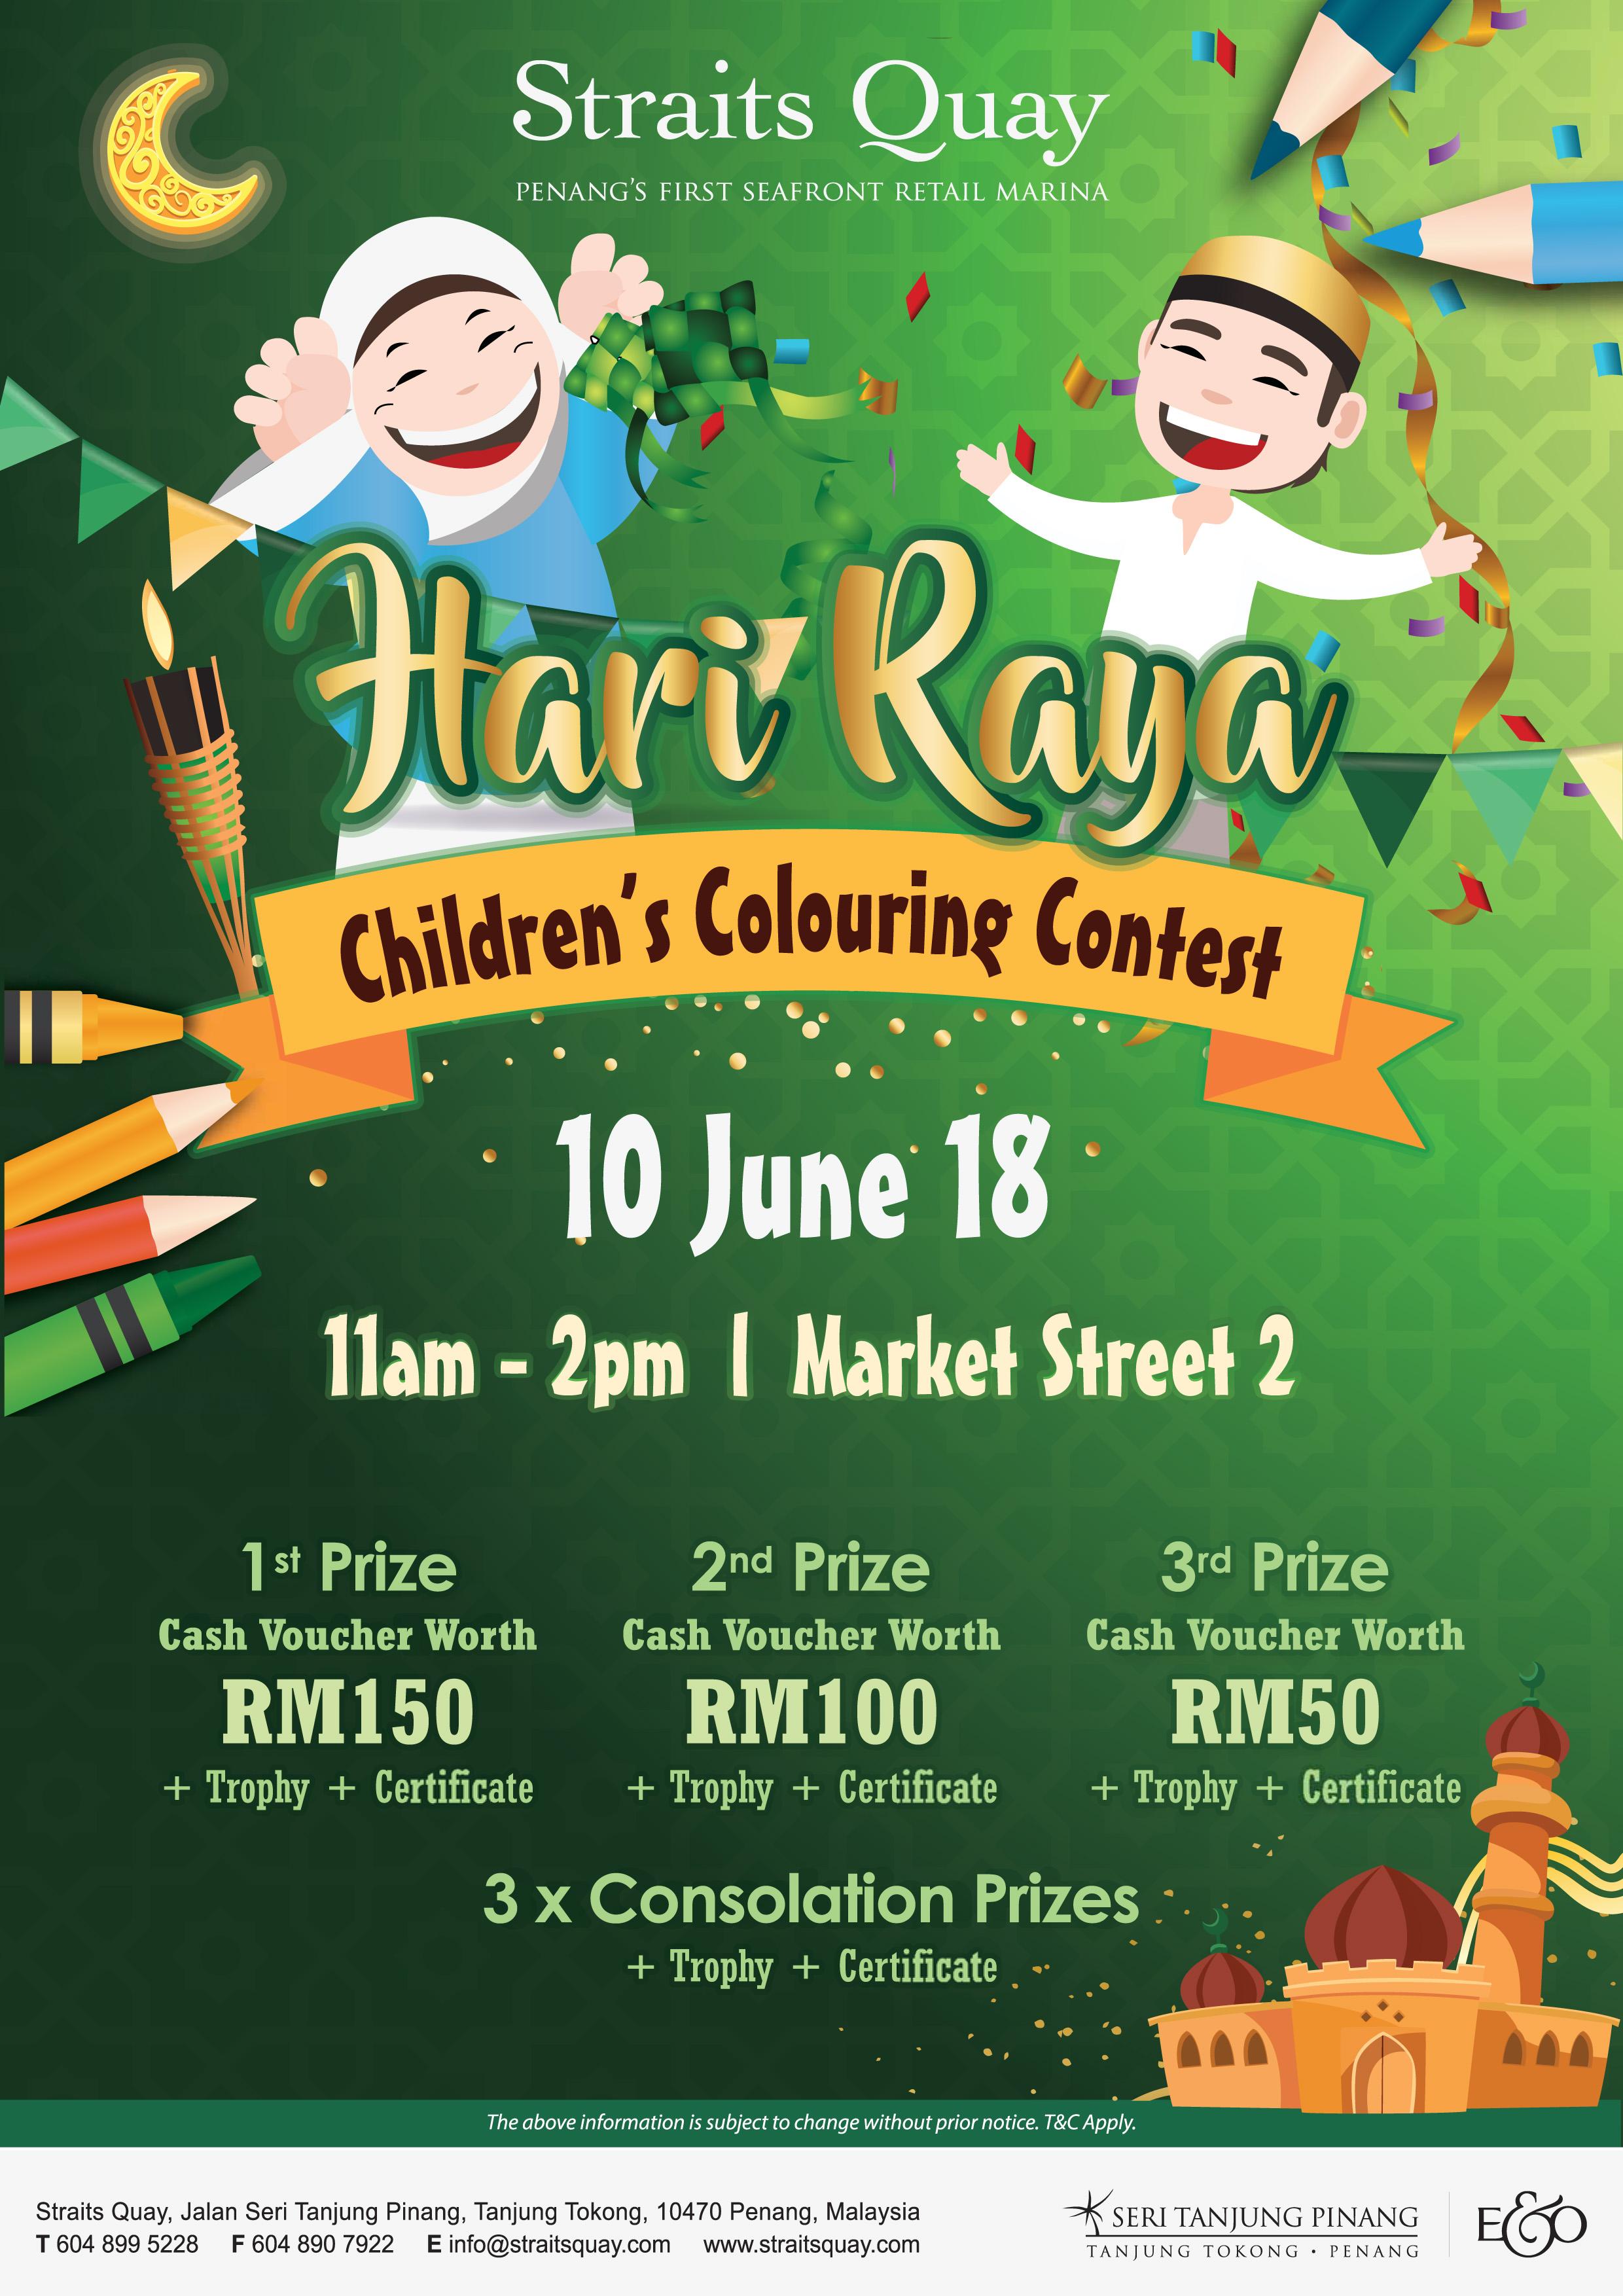 FA Raya colouring contest form 23Apr18.ai